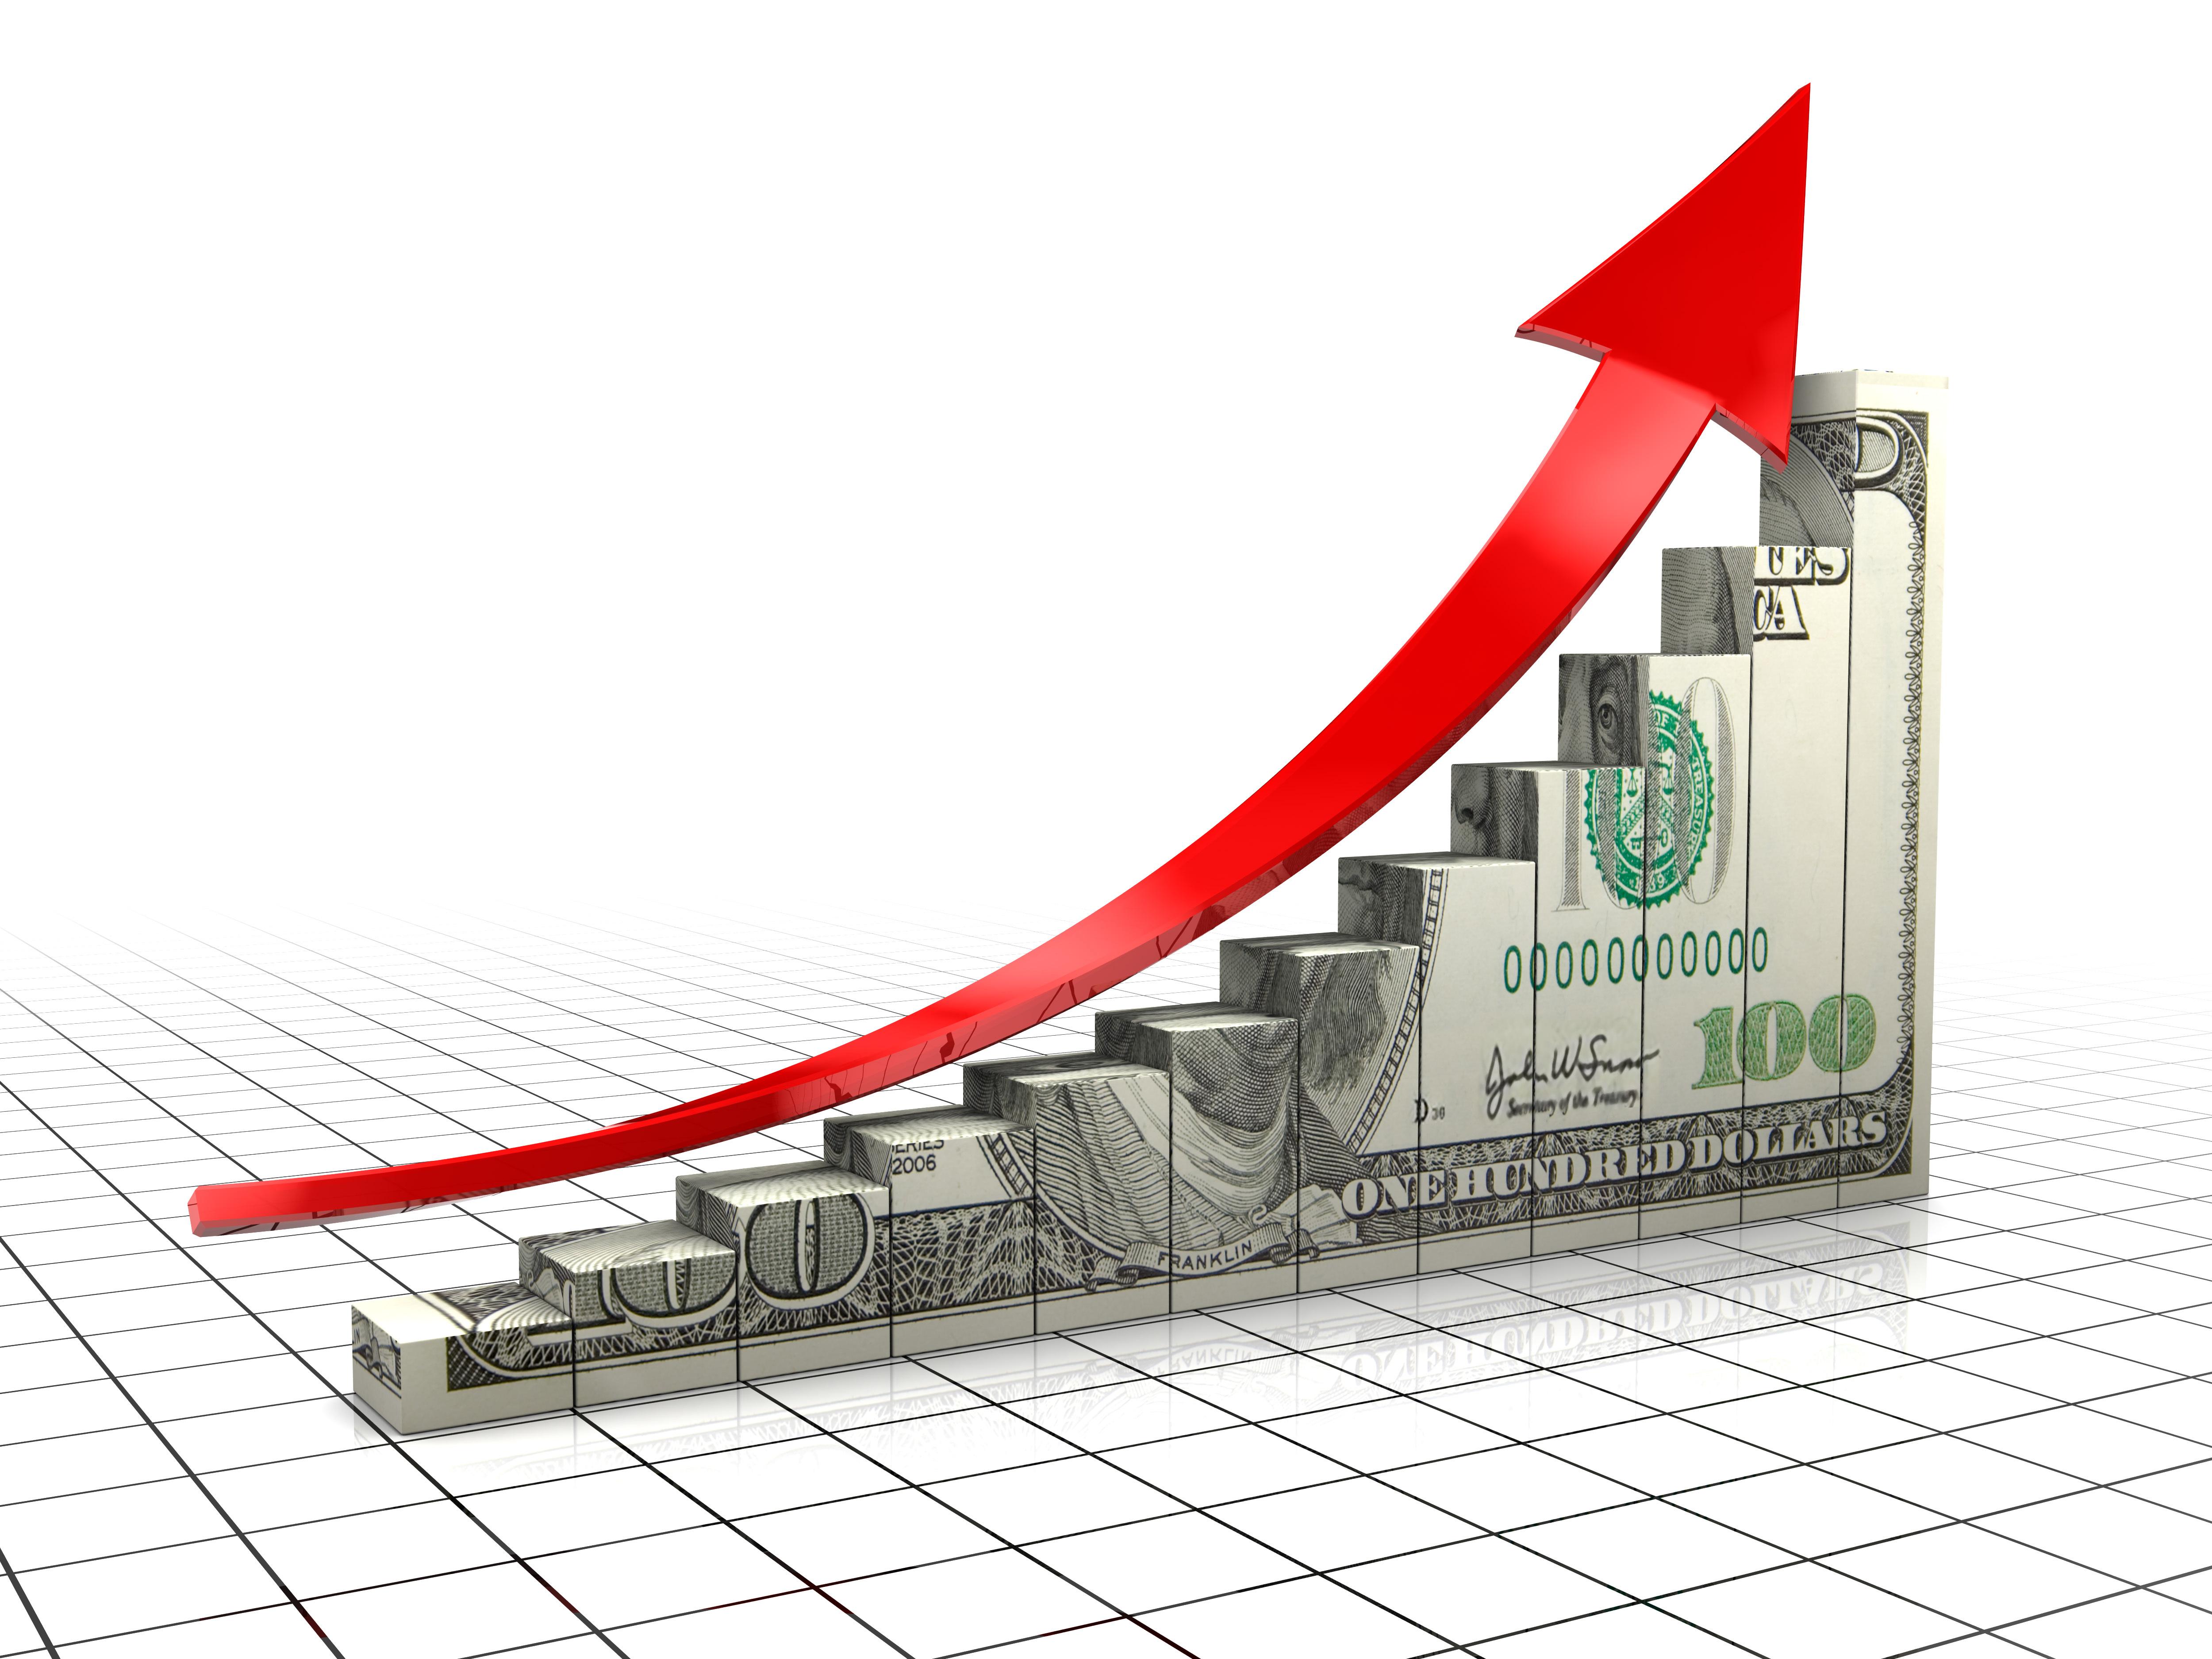 носят когда может начаться рост доллара на осень 2016 Ссылки Агентство Недвижимости